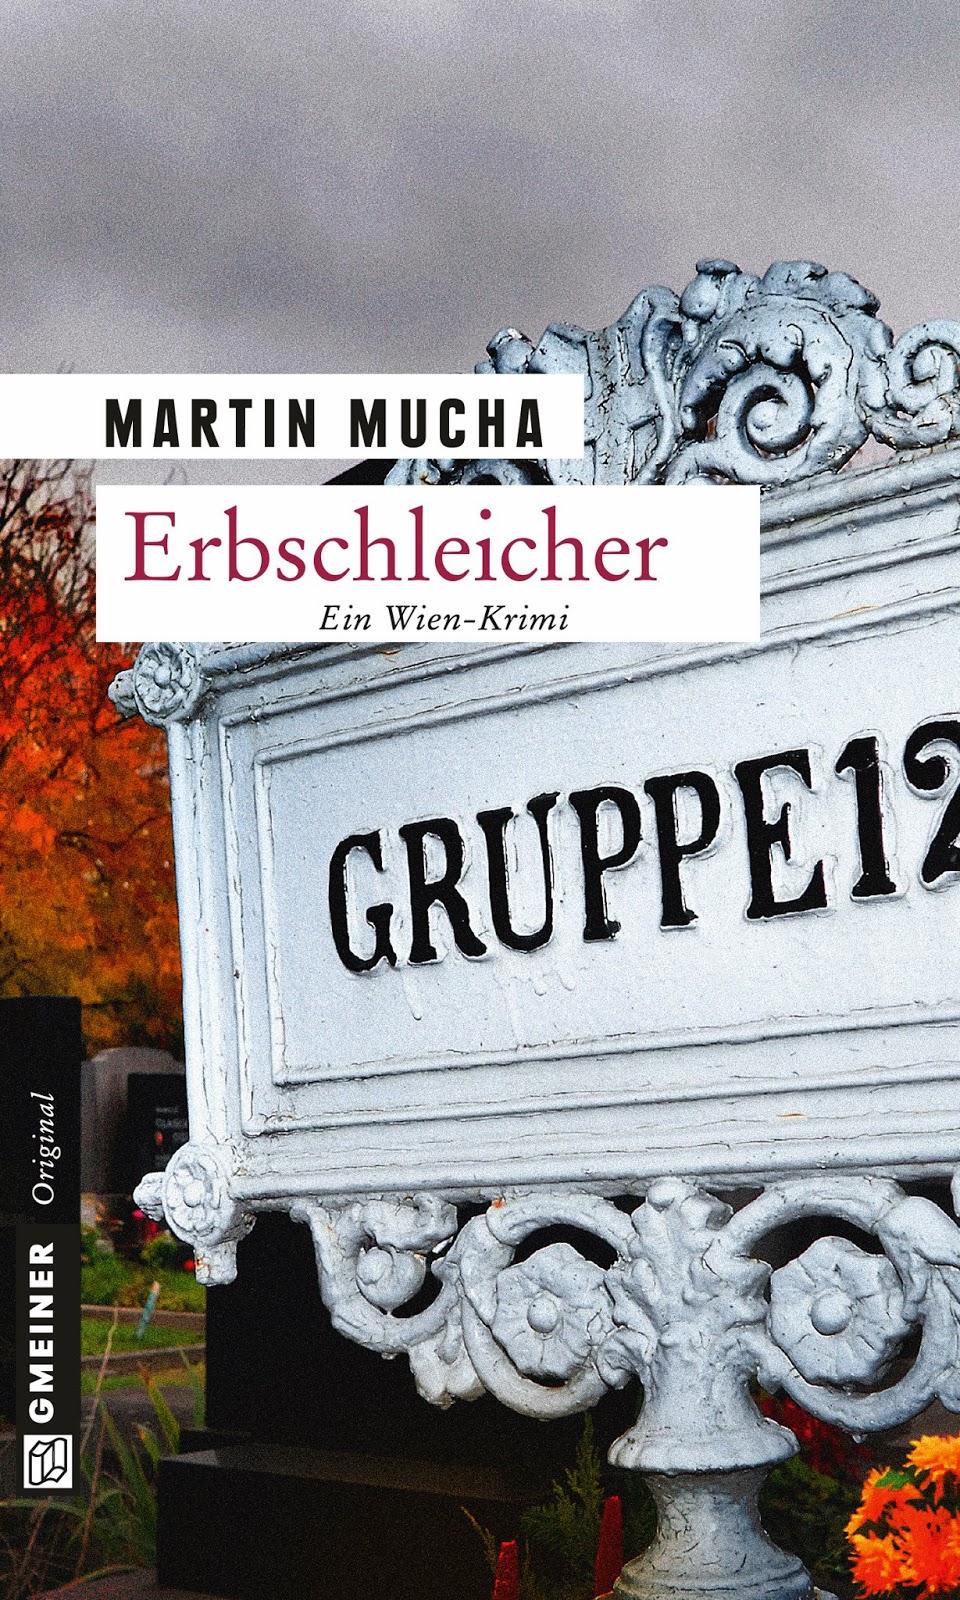 http://www.gmeiner-verlag.de/programm/titel/792-erbschleicher.html